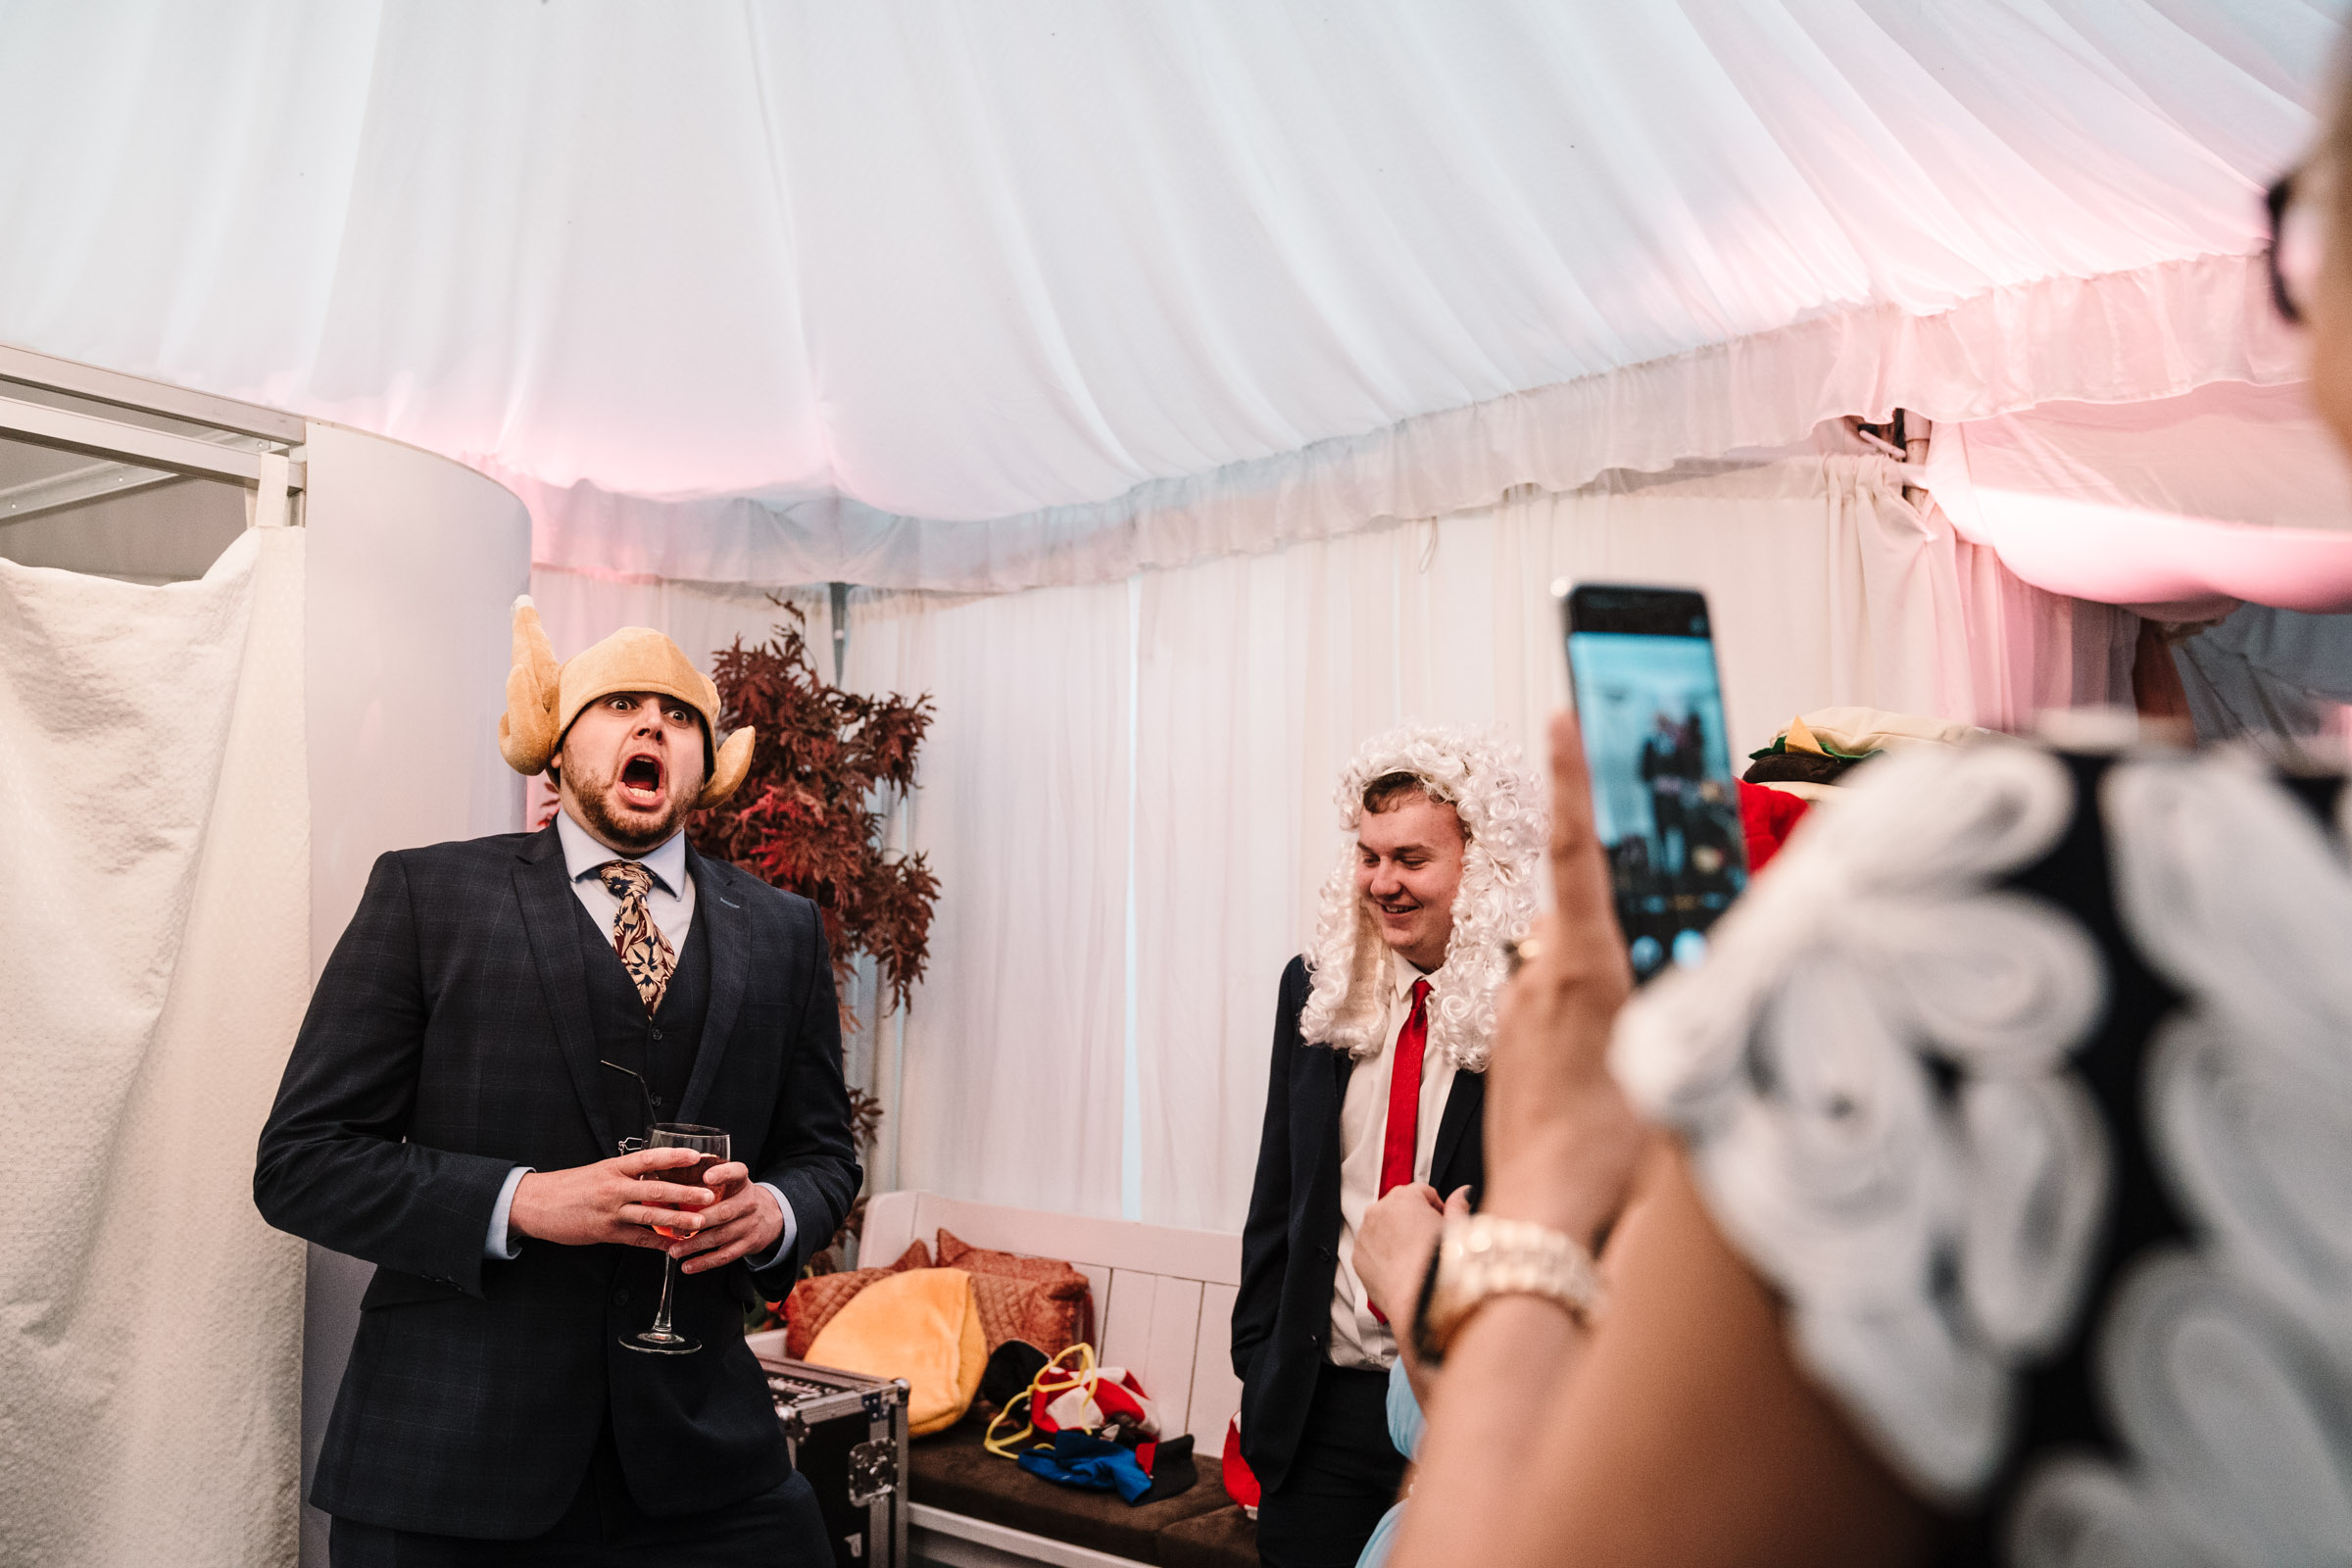 photo booth, man wearing chicken hat